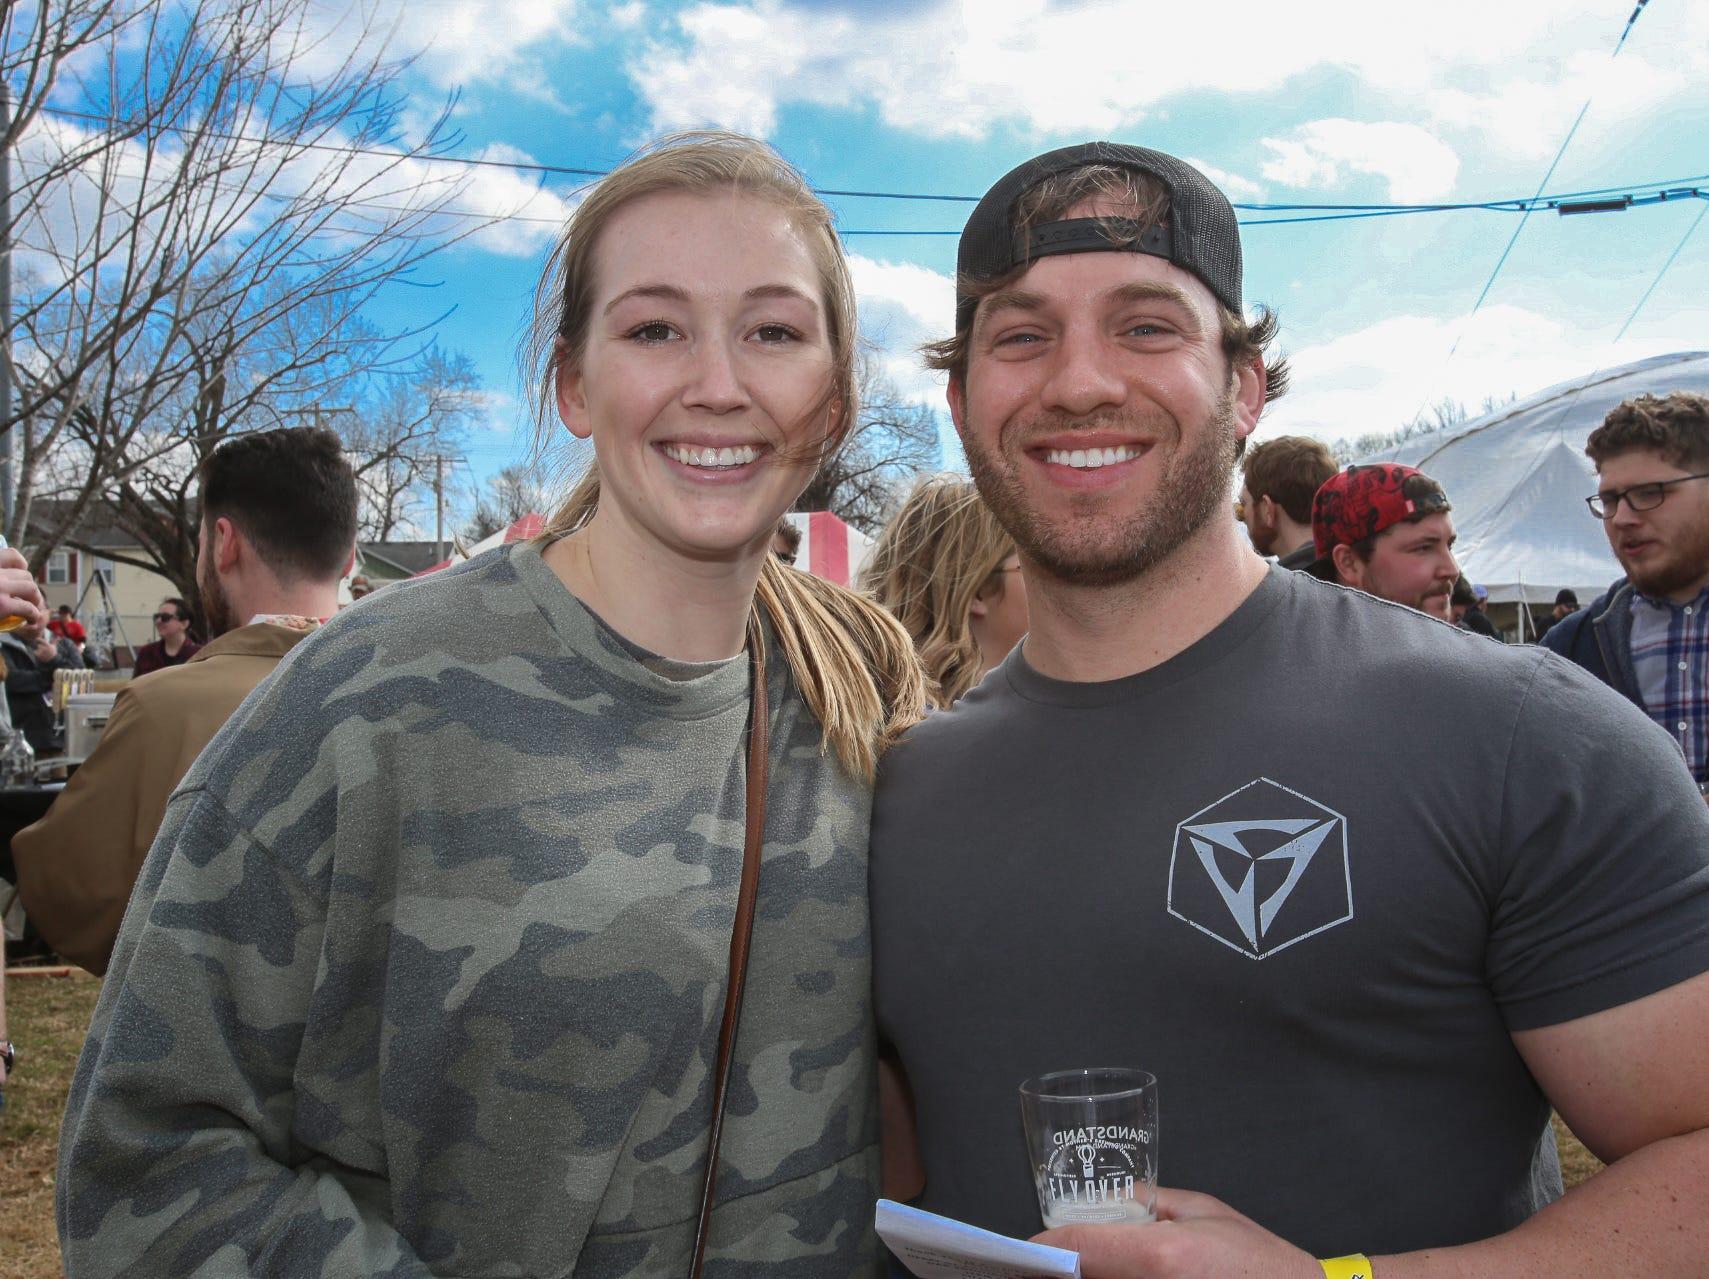 Emily Rathburn and Josh Blumer